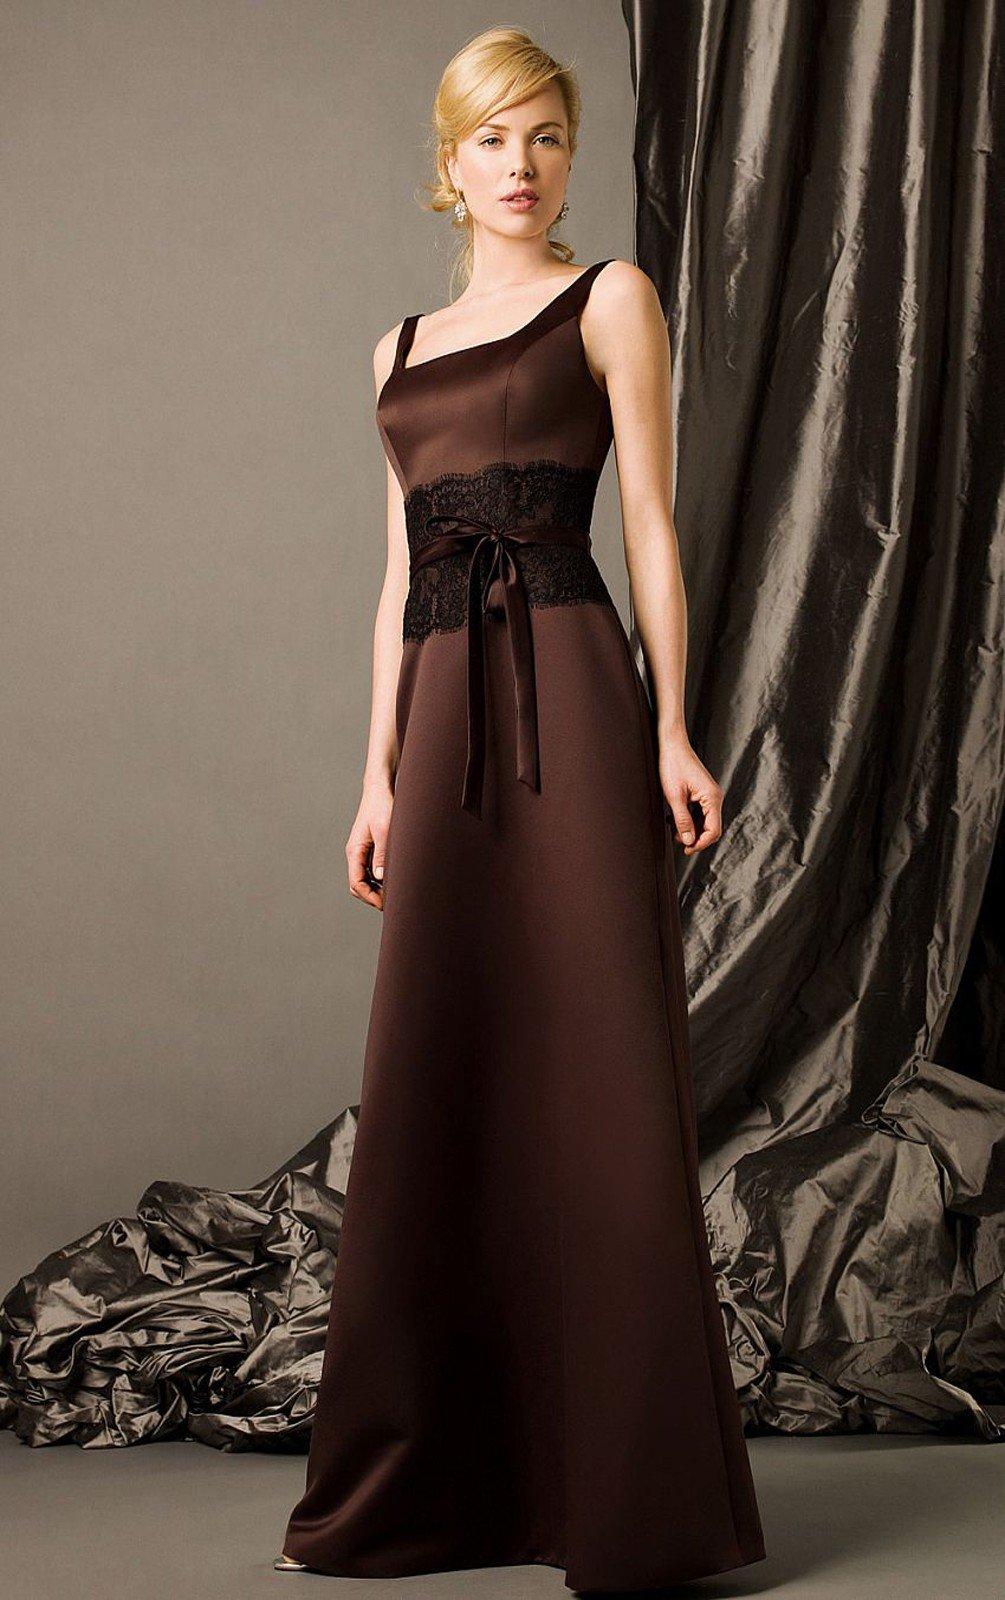 вечерние платья из атласа и кружева фото нем заключены две